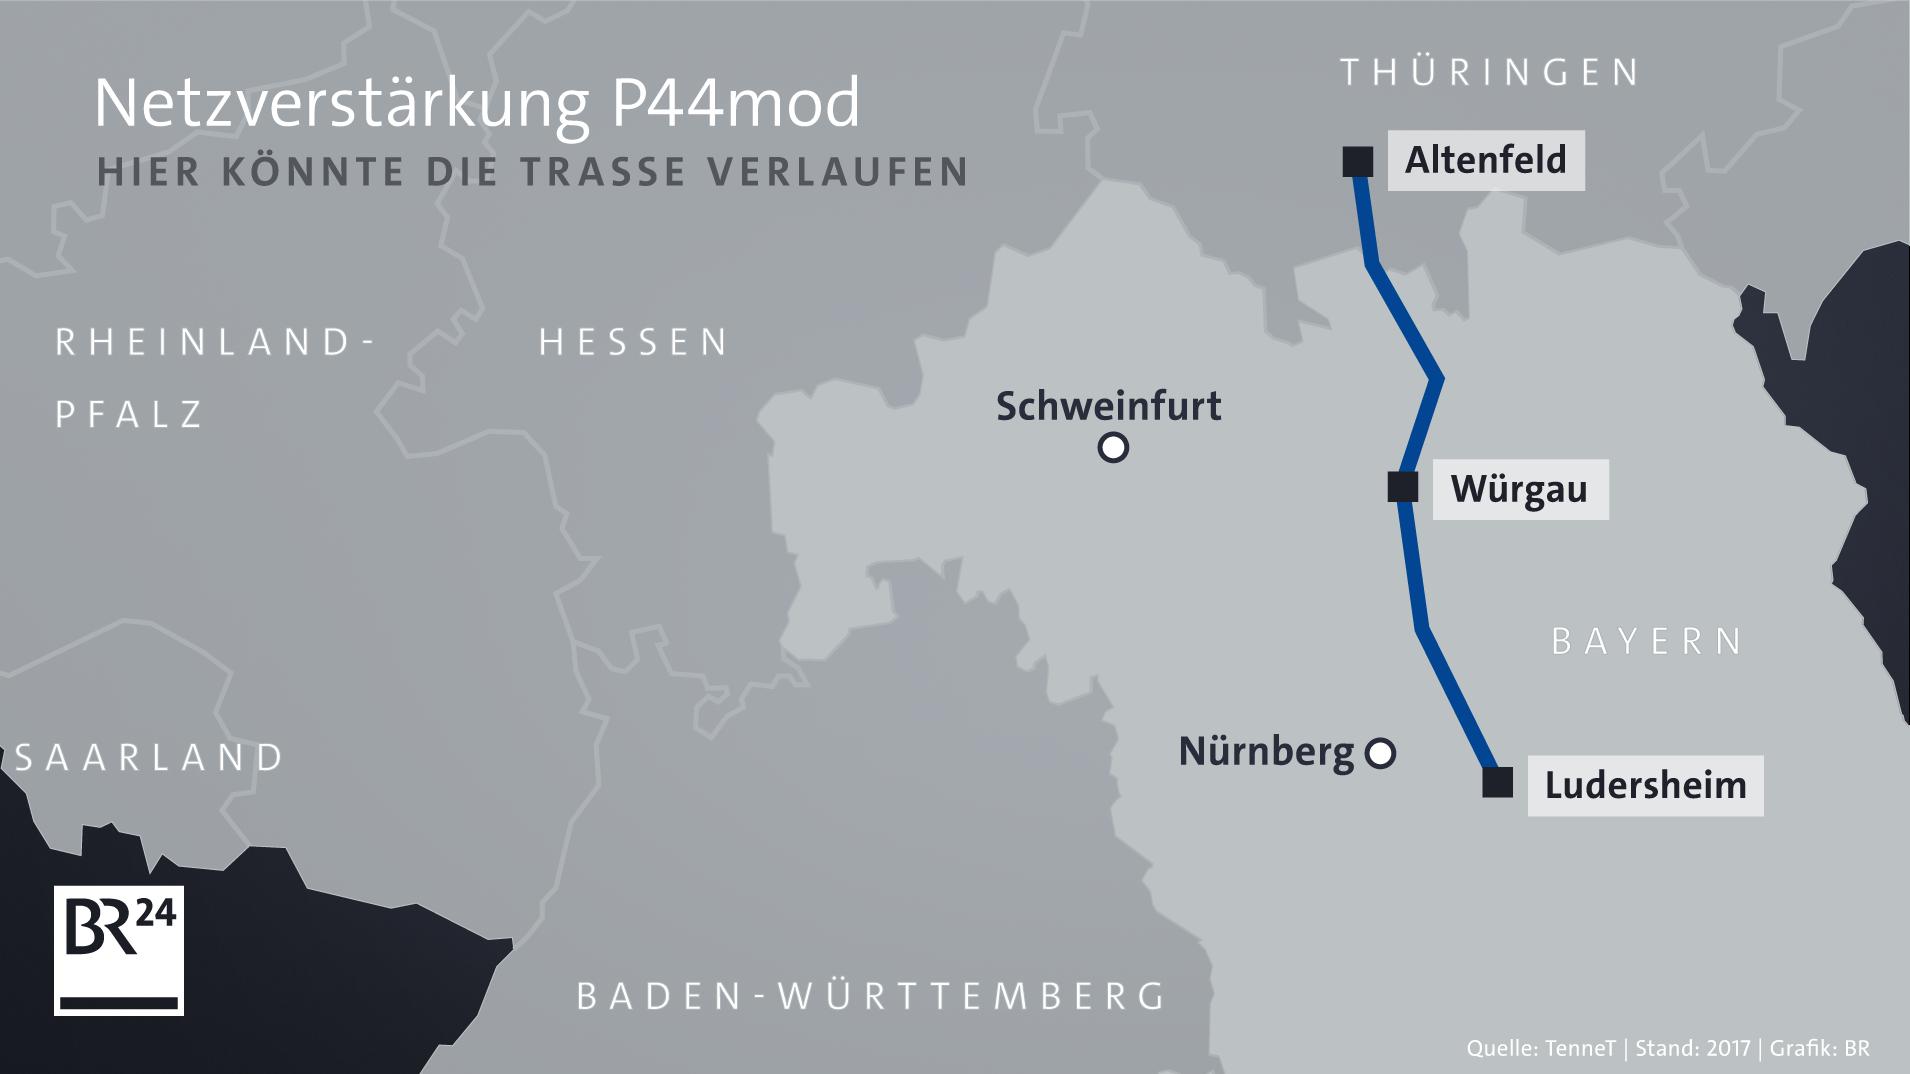 Karte: P44mod soll im Thüringischen Altenfeld starten, durch Oberfranken führen und dann in Ludersheim im Landkreis Nürnberger Land enden.